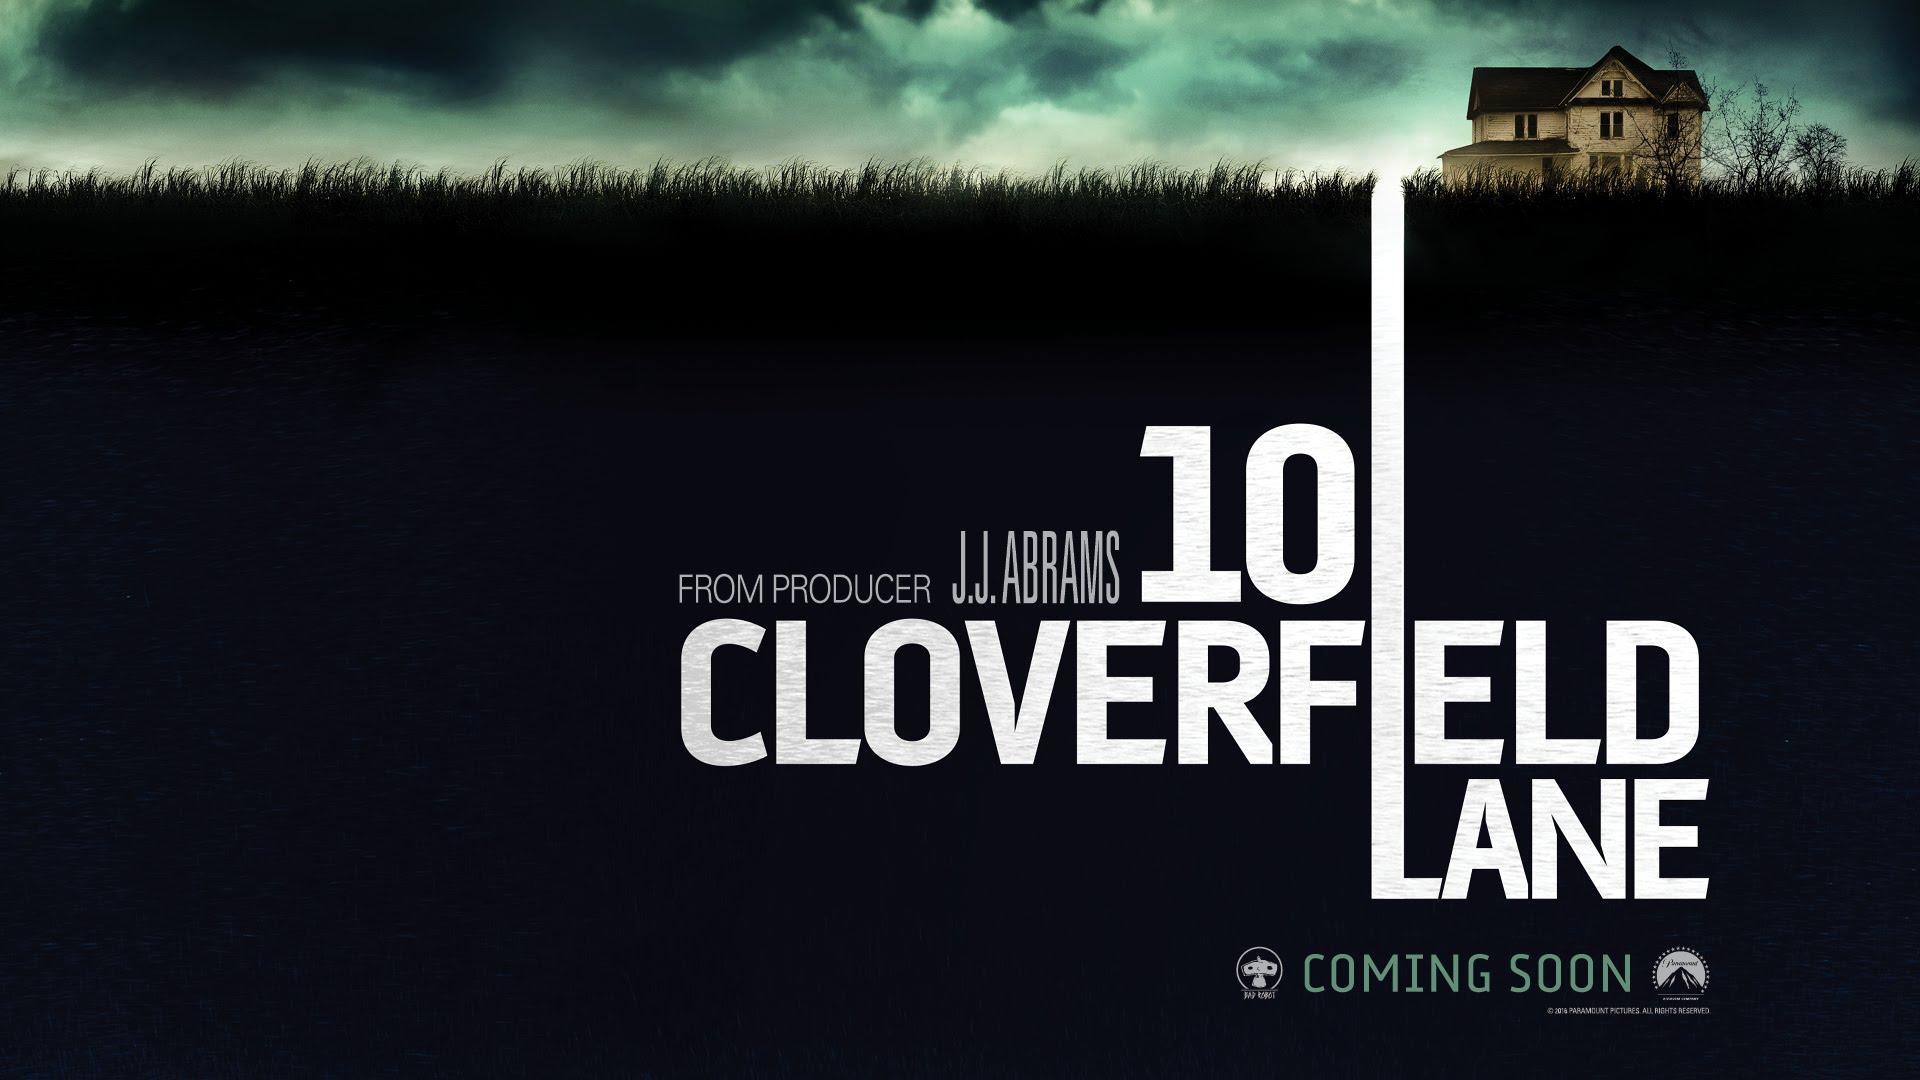 10 Cloverfield Lane 10 Cloverfield Lane Super Bowl Spot